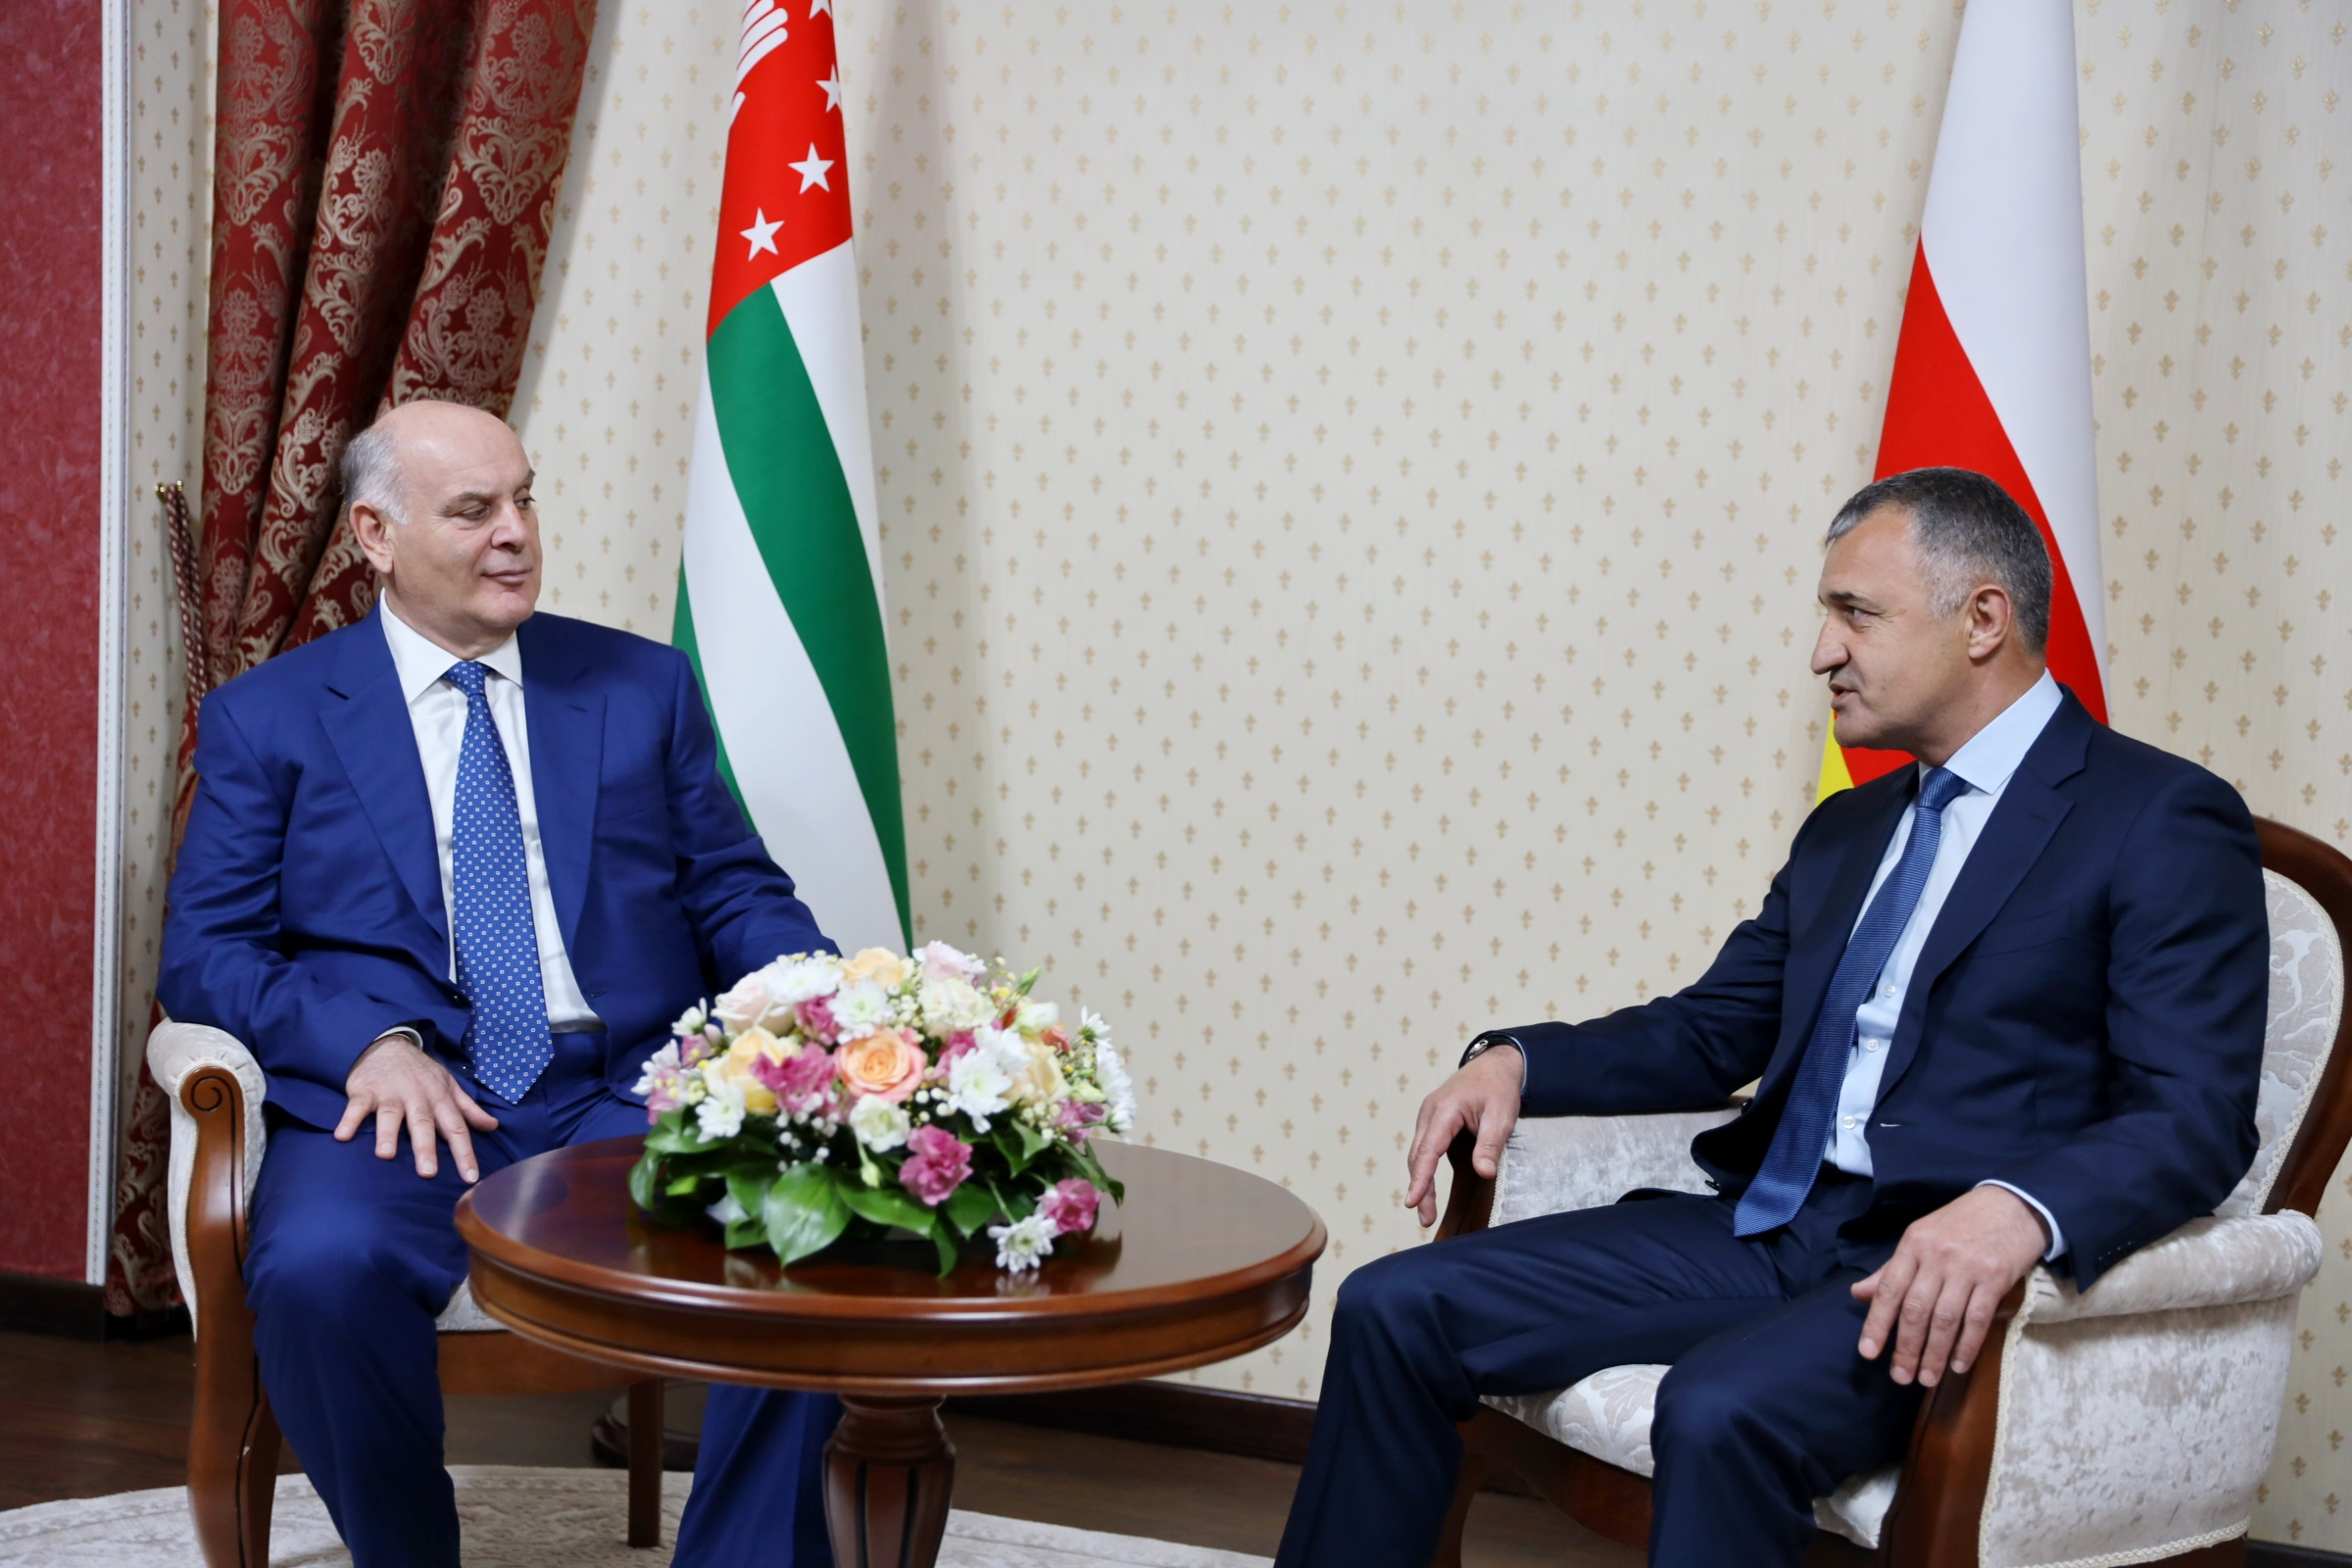 Состоялась встреча президентов Республики Абхазия и Республики Южная Осетия